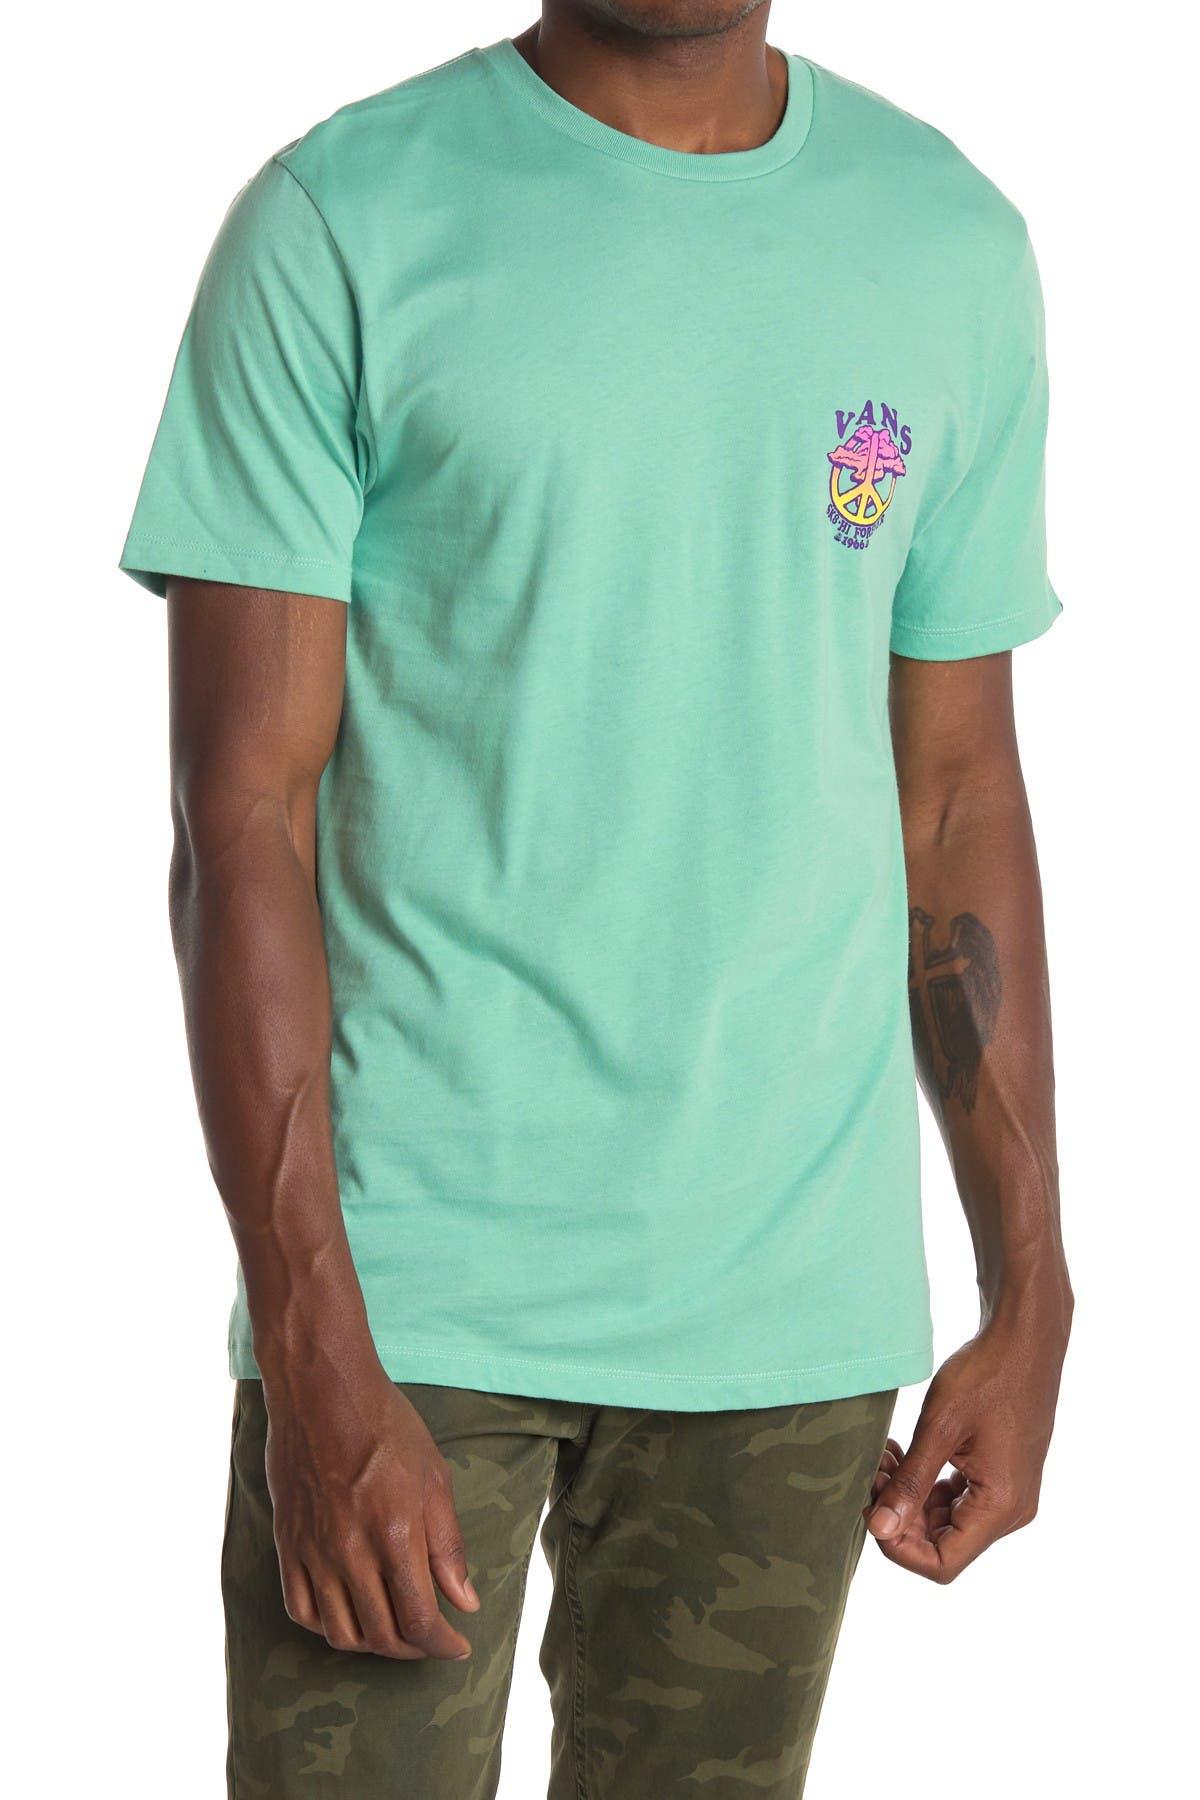 Image of VANS SK8 Hi Forever Logo T-Shirt